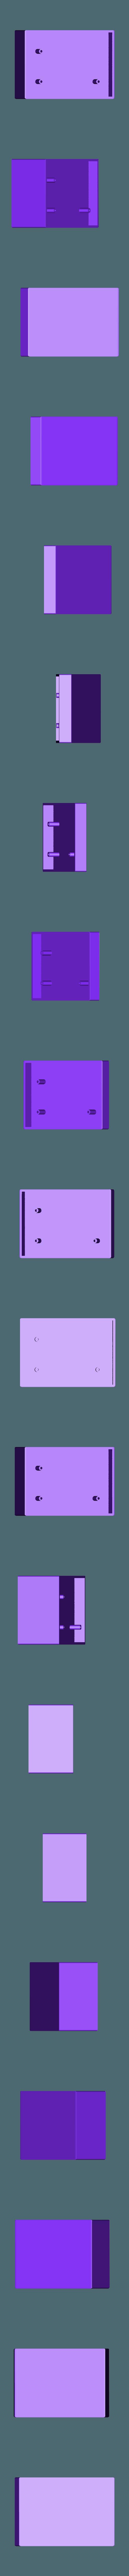 tented-lets-split-right.stl Télécharger fichier STL gratuit The Wedge - Séparons le boîtier de clavier sous tente • Objet pour impression 3D, rsheldiii